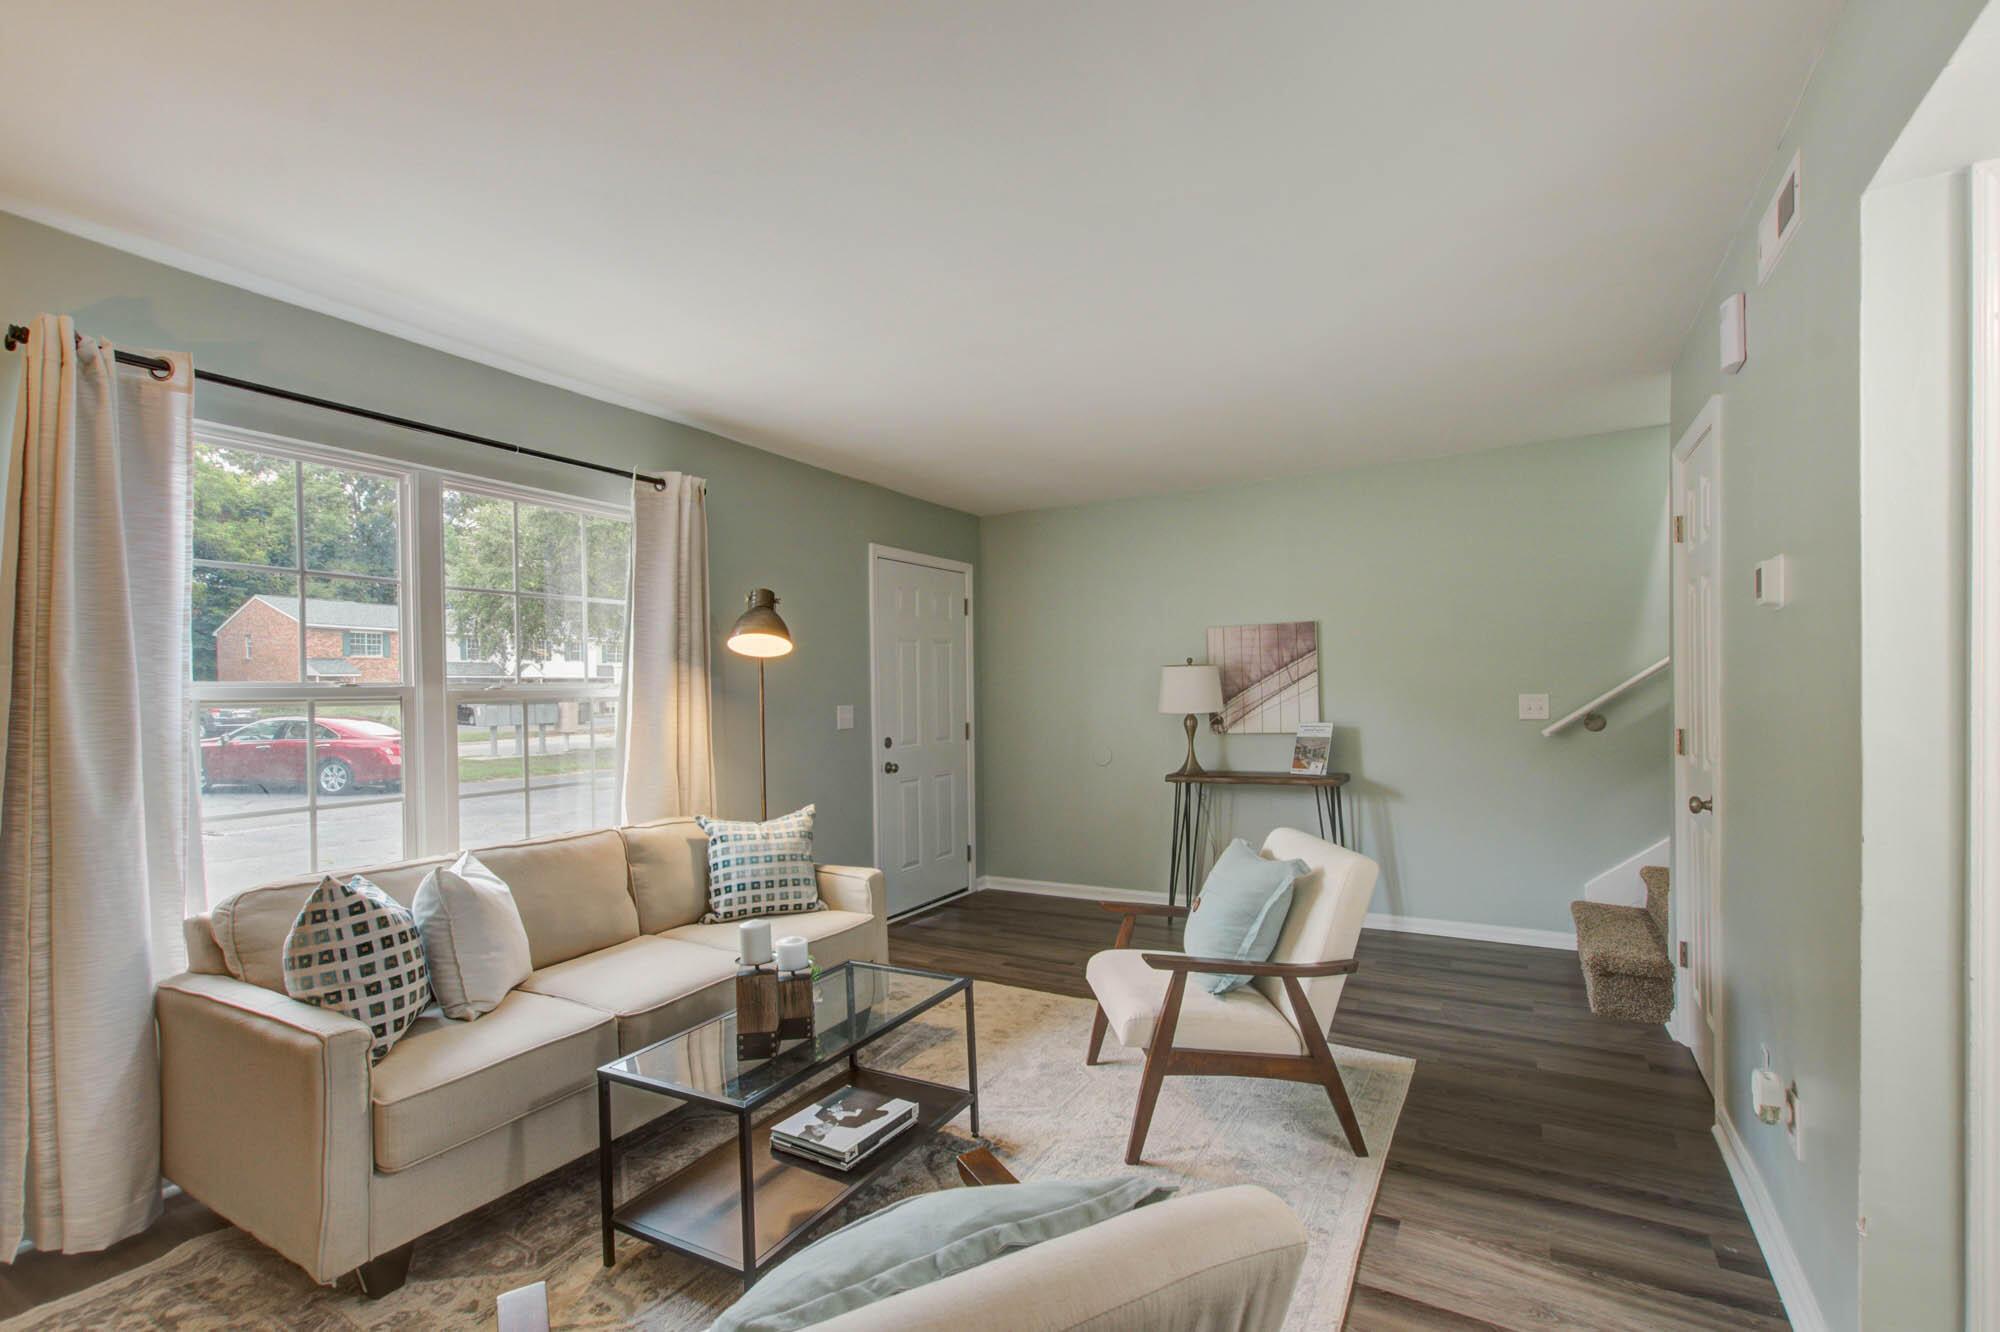 Wando East Homes For Sale - 1526 Nantahala, Mount Pleasant, SC - 2